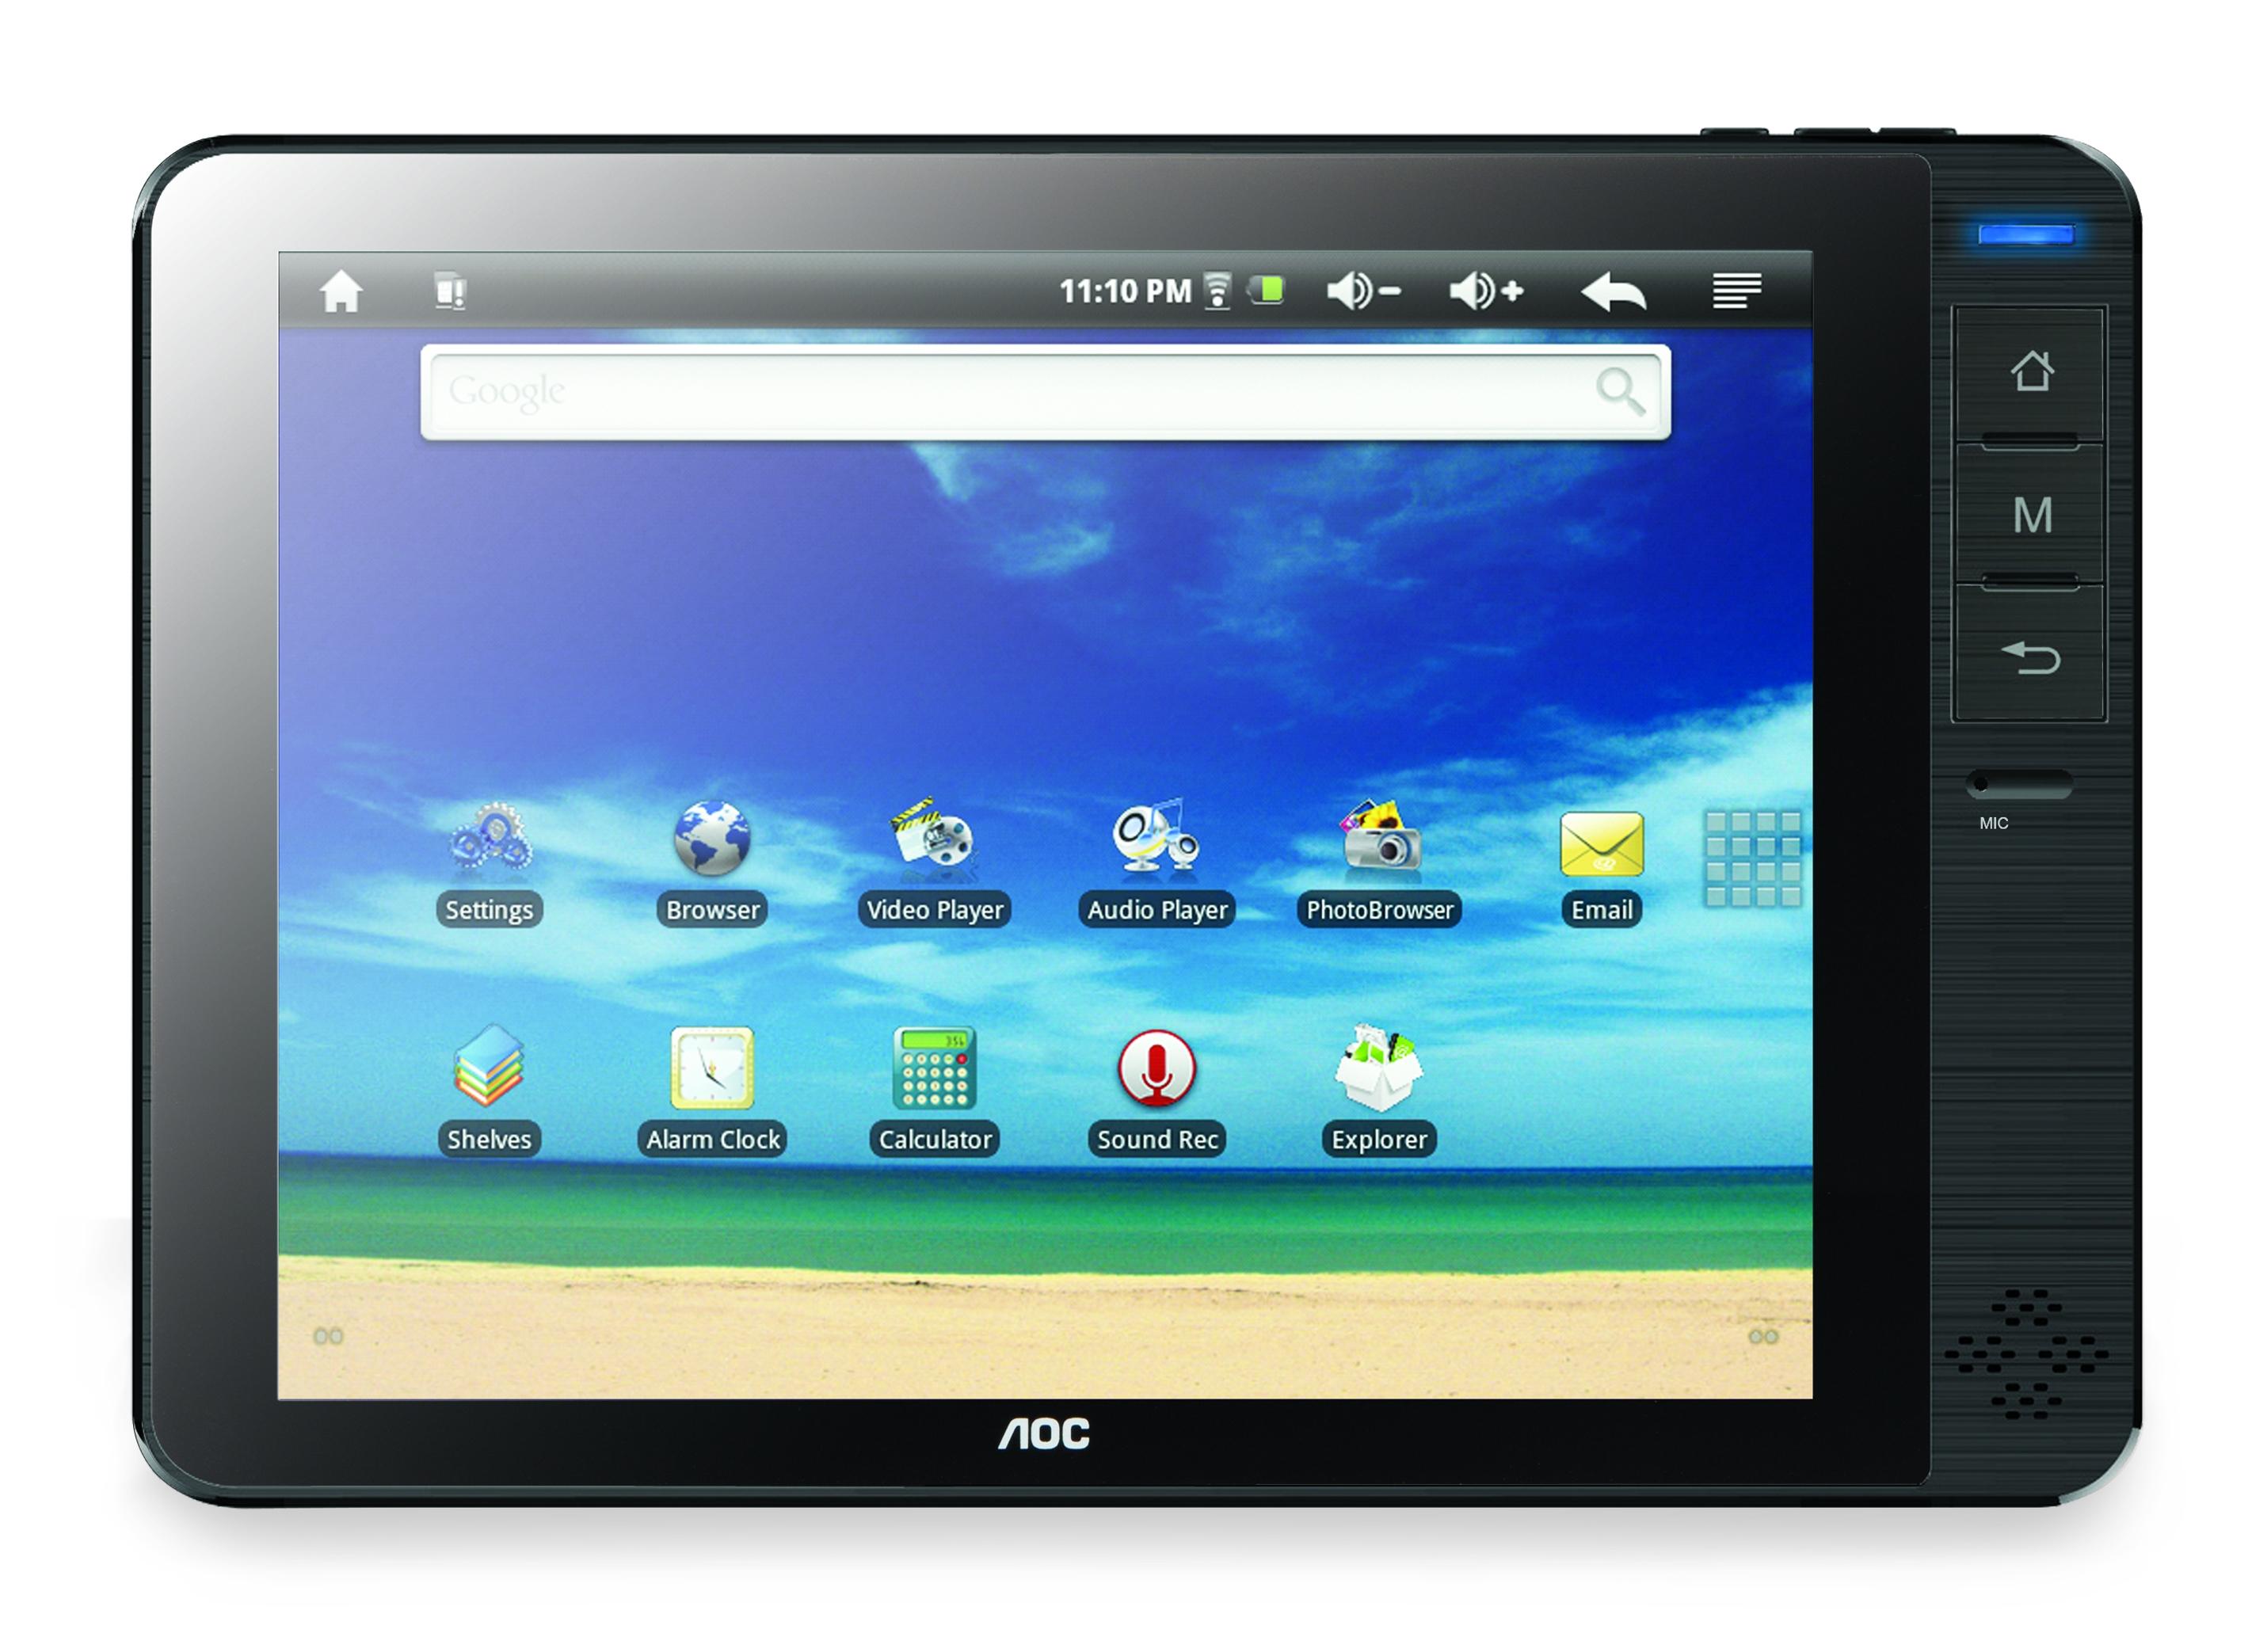 Acer iriver P7U Drivers for Windows 7